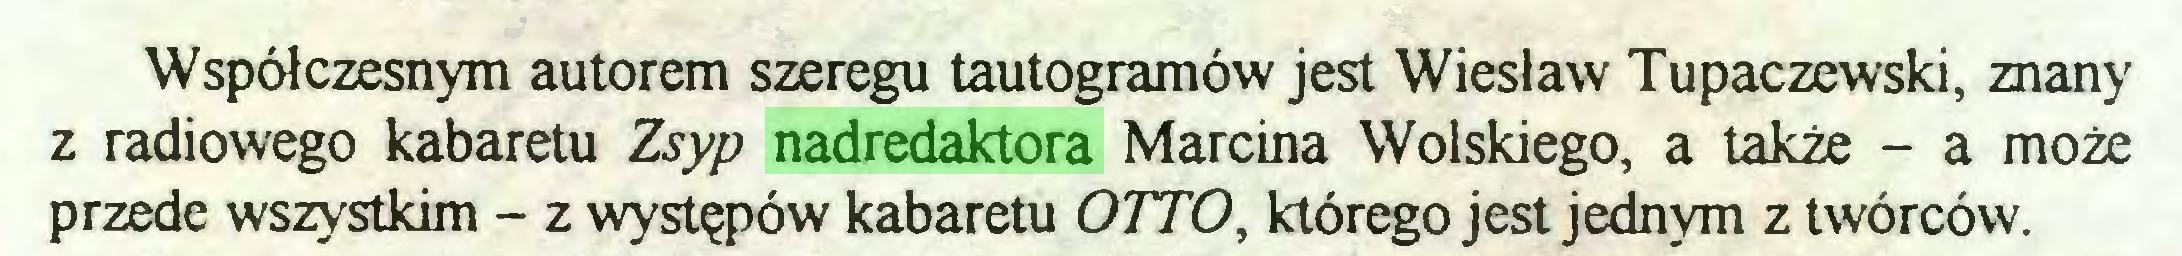 (...) Współczesnym autorem szeregu tautogramów jest Wiesław Tupaczewski, znany z radiowego kabaretu Zsyp nadredaktora Marcina Wolskiego, a także - a może przede wszystkim - z występów kabaretu OTTO, którego jest jednym z twórców...